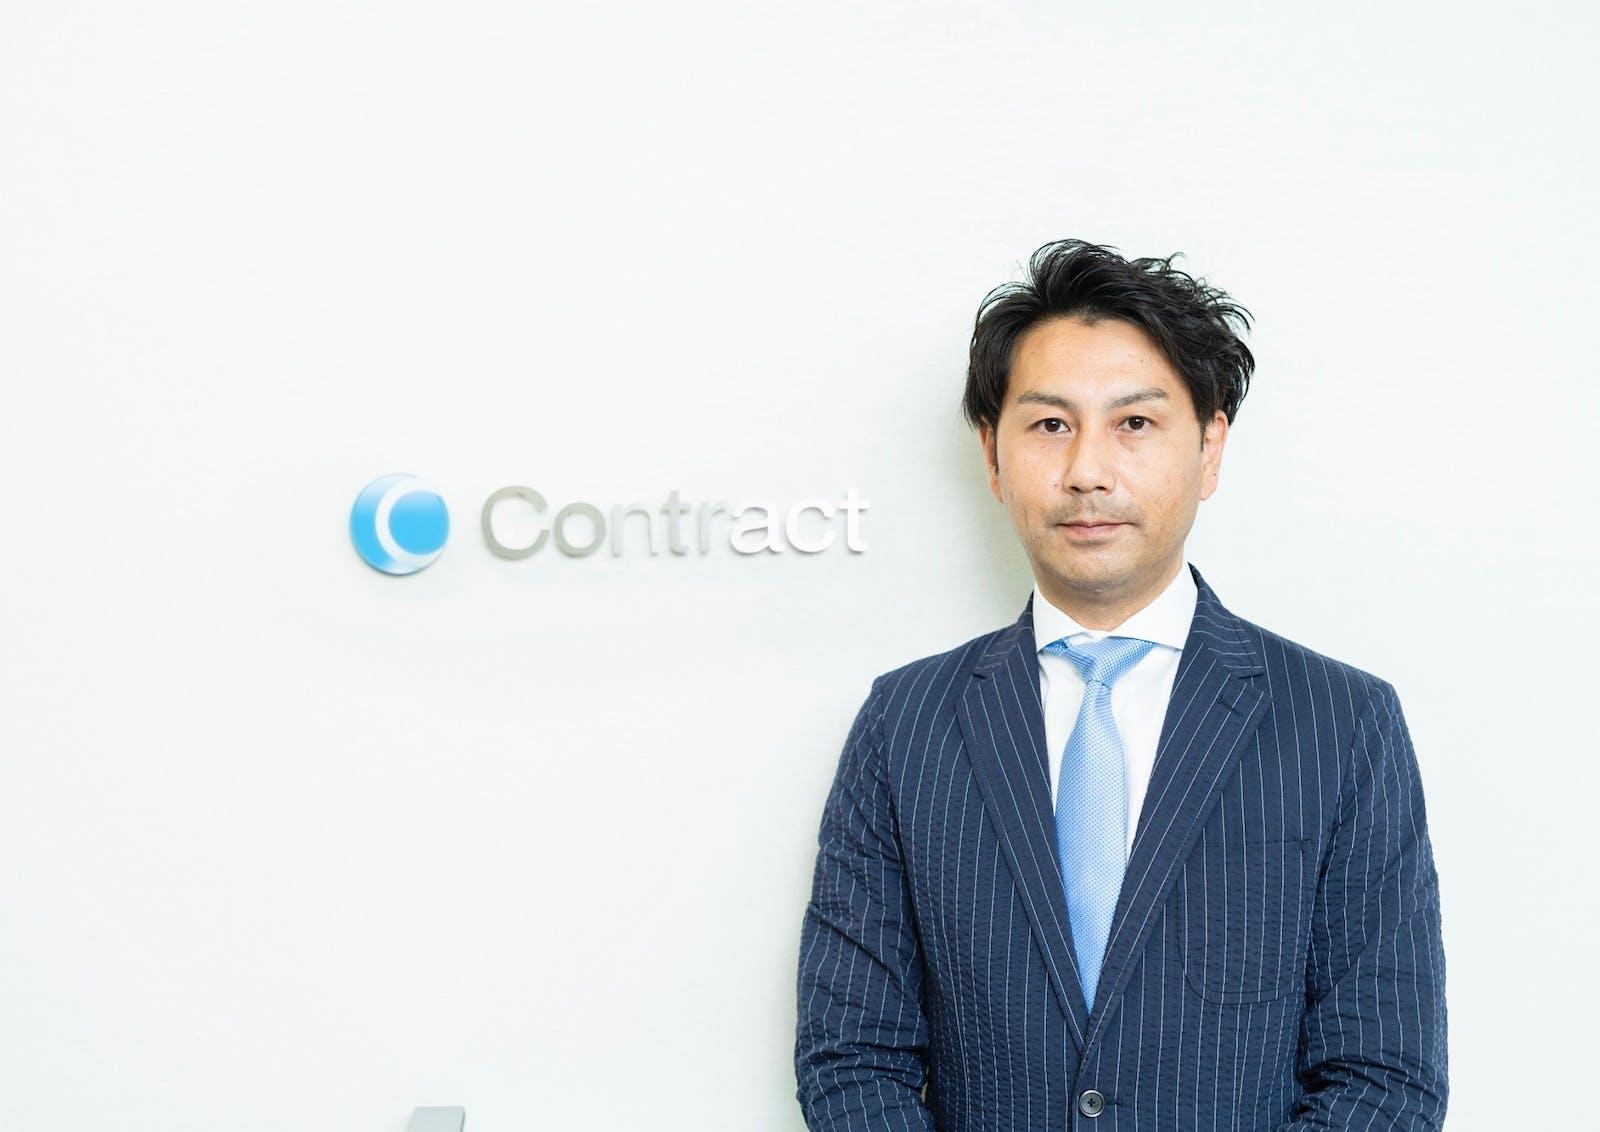 コントラクト株式会社のアイキャッチ画像